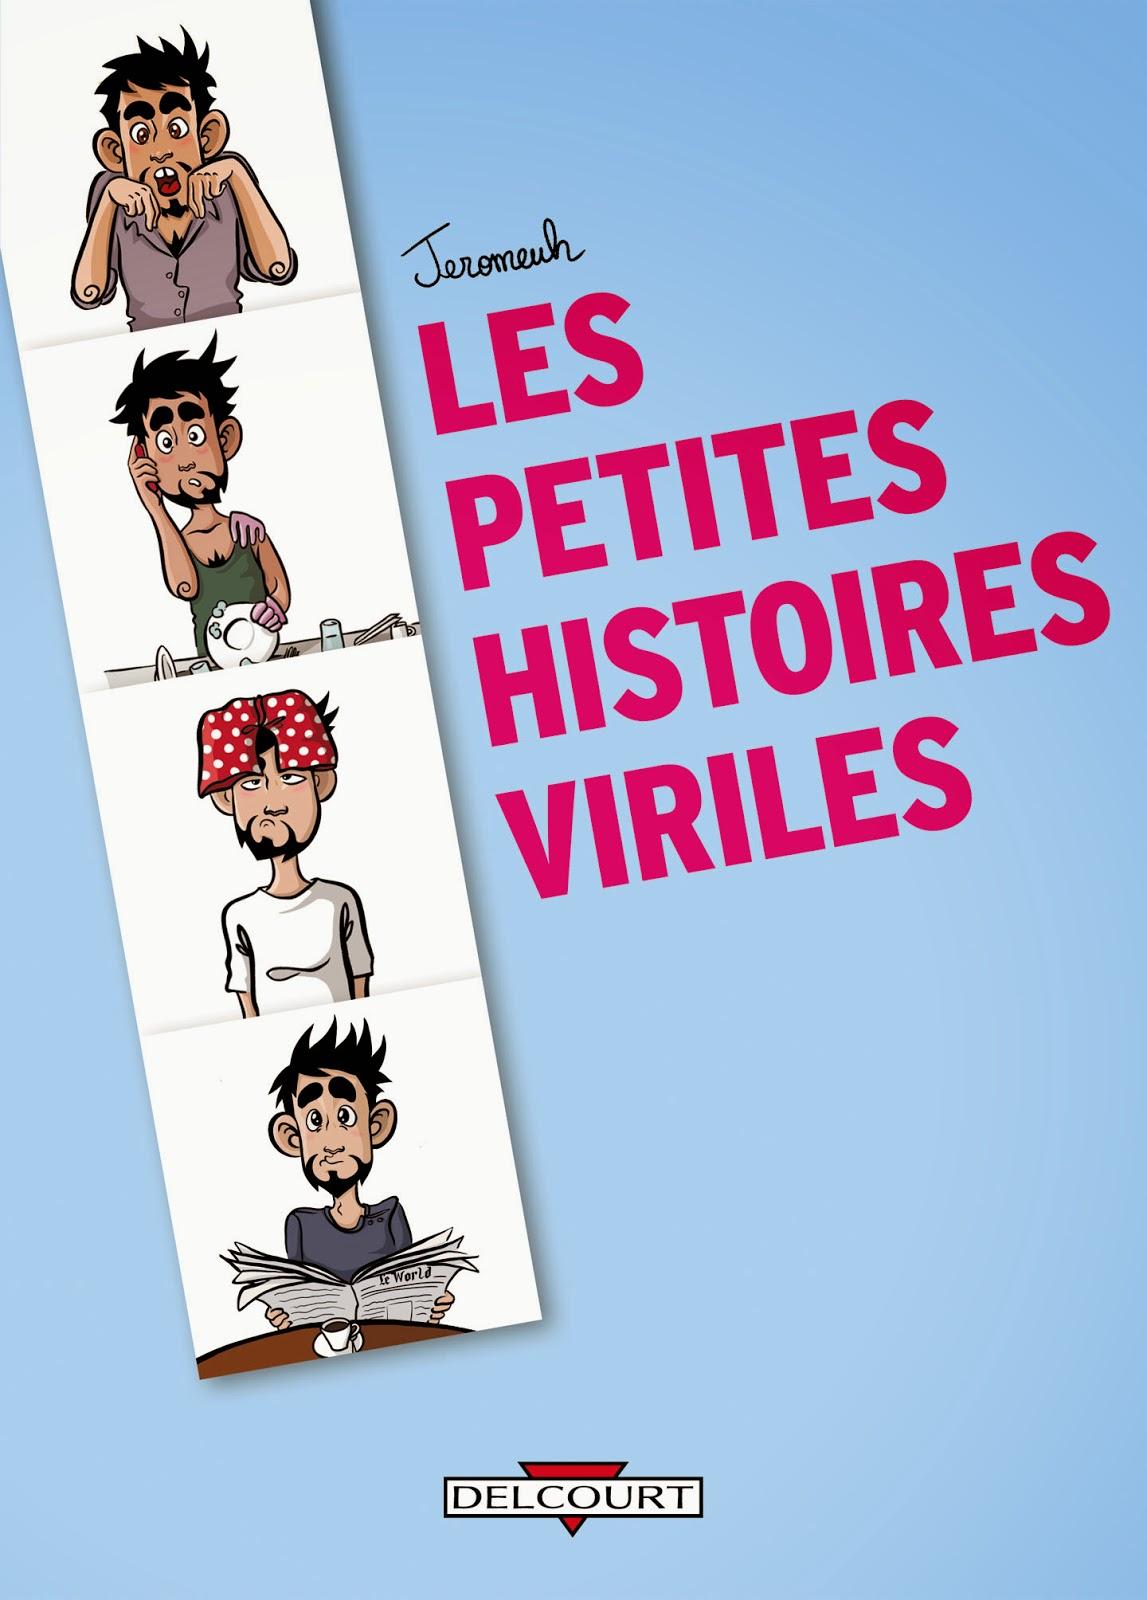 http://www.lalecturienne.com/2014/08/les-petites-histoires-viriles-jeromeuh.html